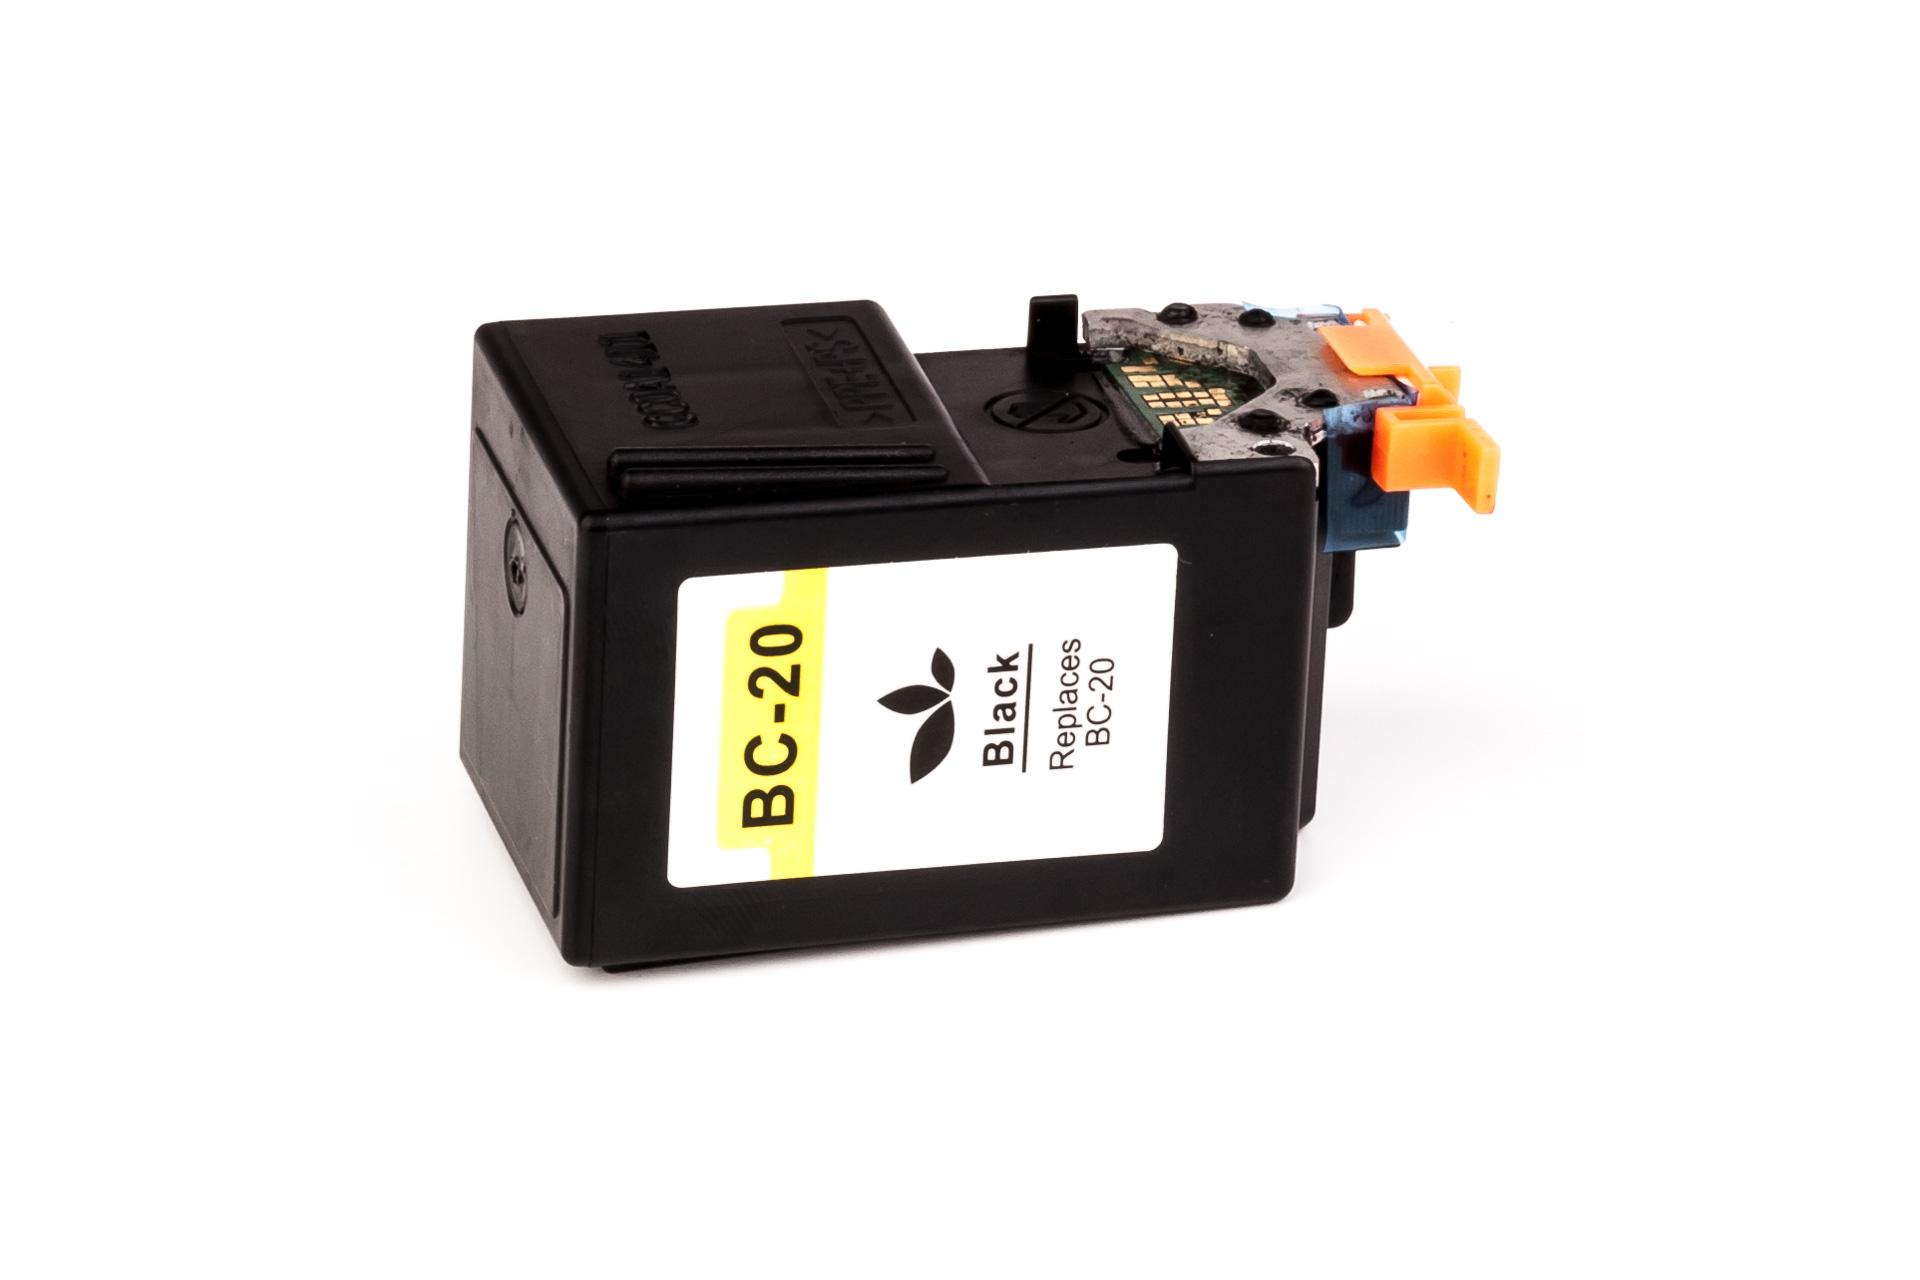 ASC-Premium-Druckkopf für Alcatel Fax 3757 Jetset schwarz Fax 3757 Jetset Fax3757Jetset